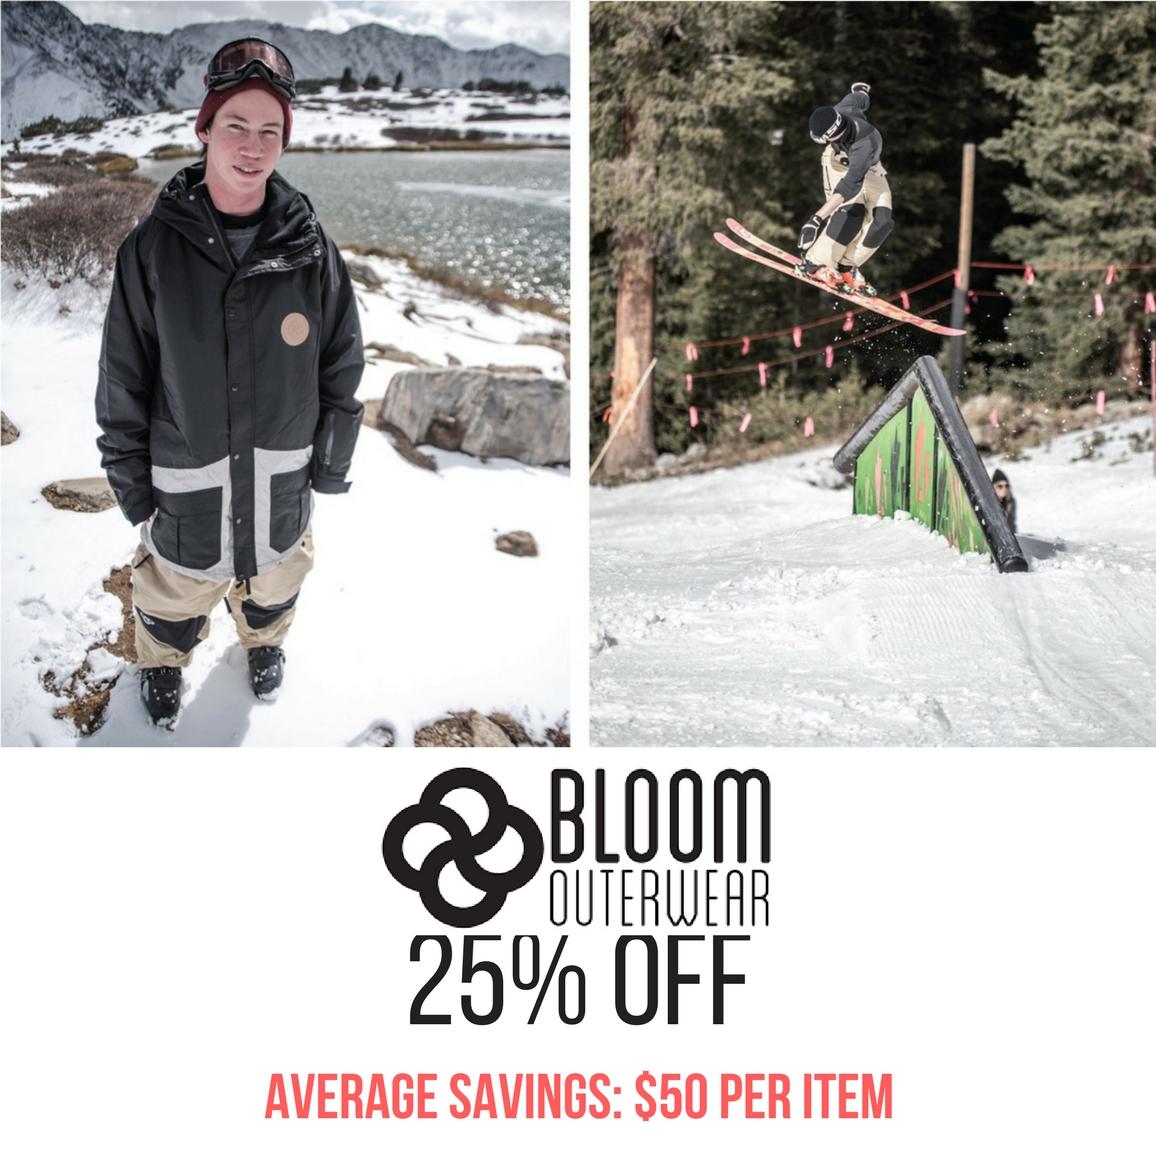 Copy of Bloom Outwerwear Membership Sample Product image.jpg